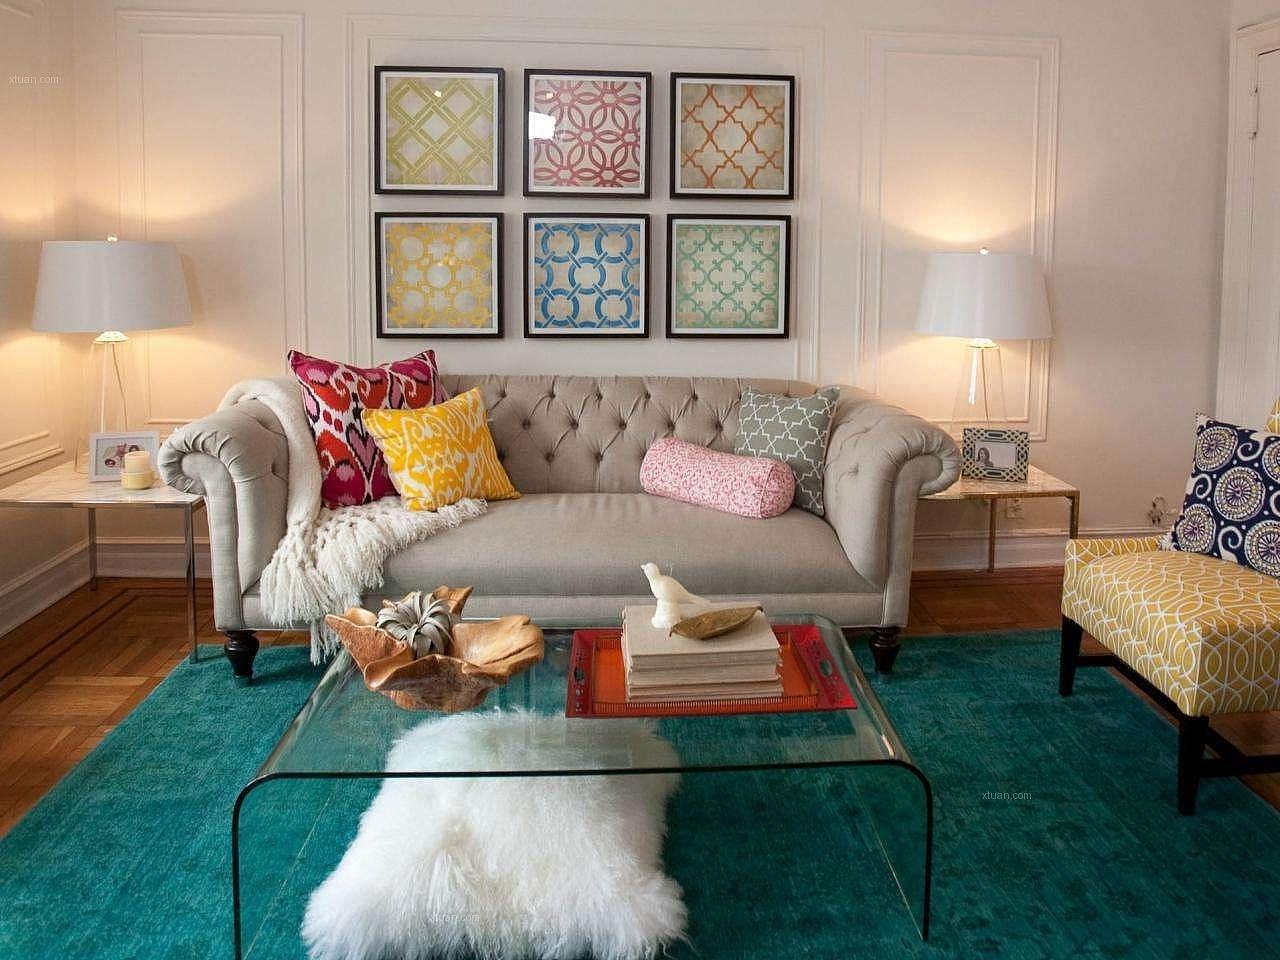 如何选择家居装修风格 家装风格的选择技巧